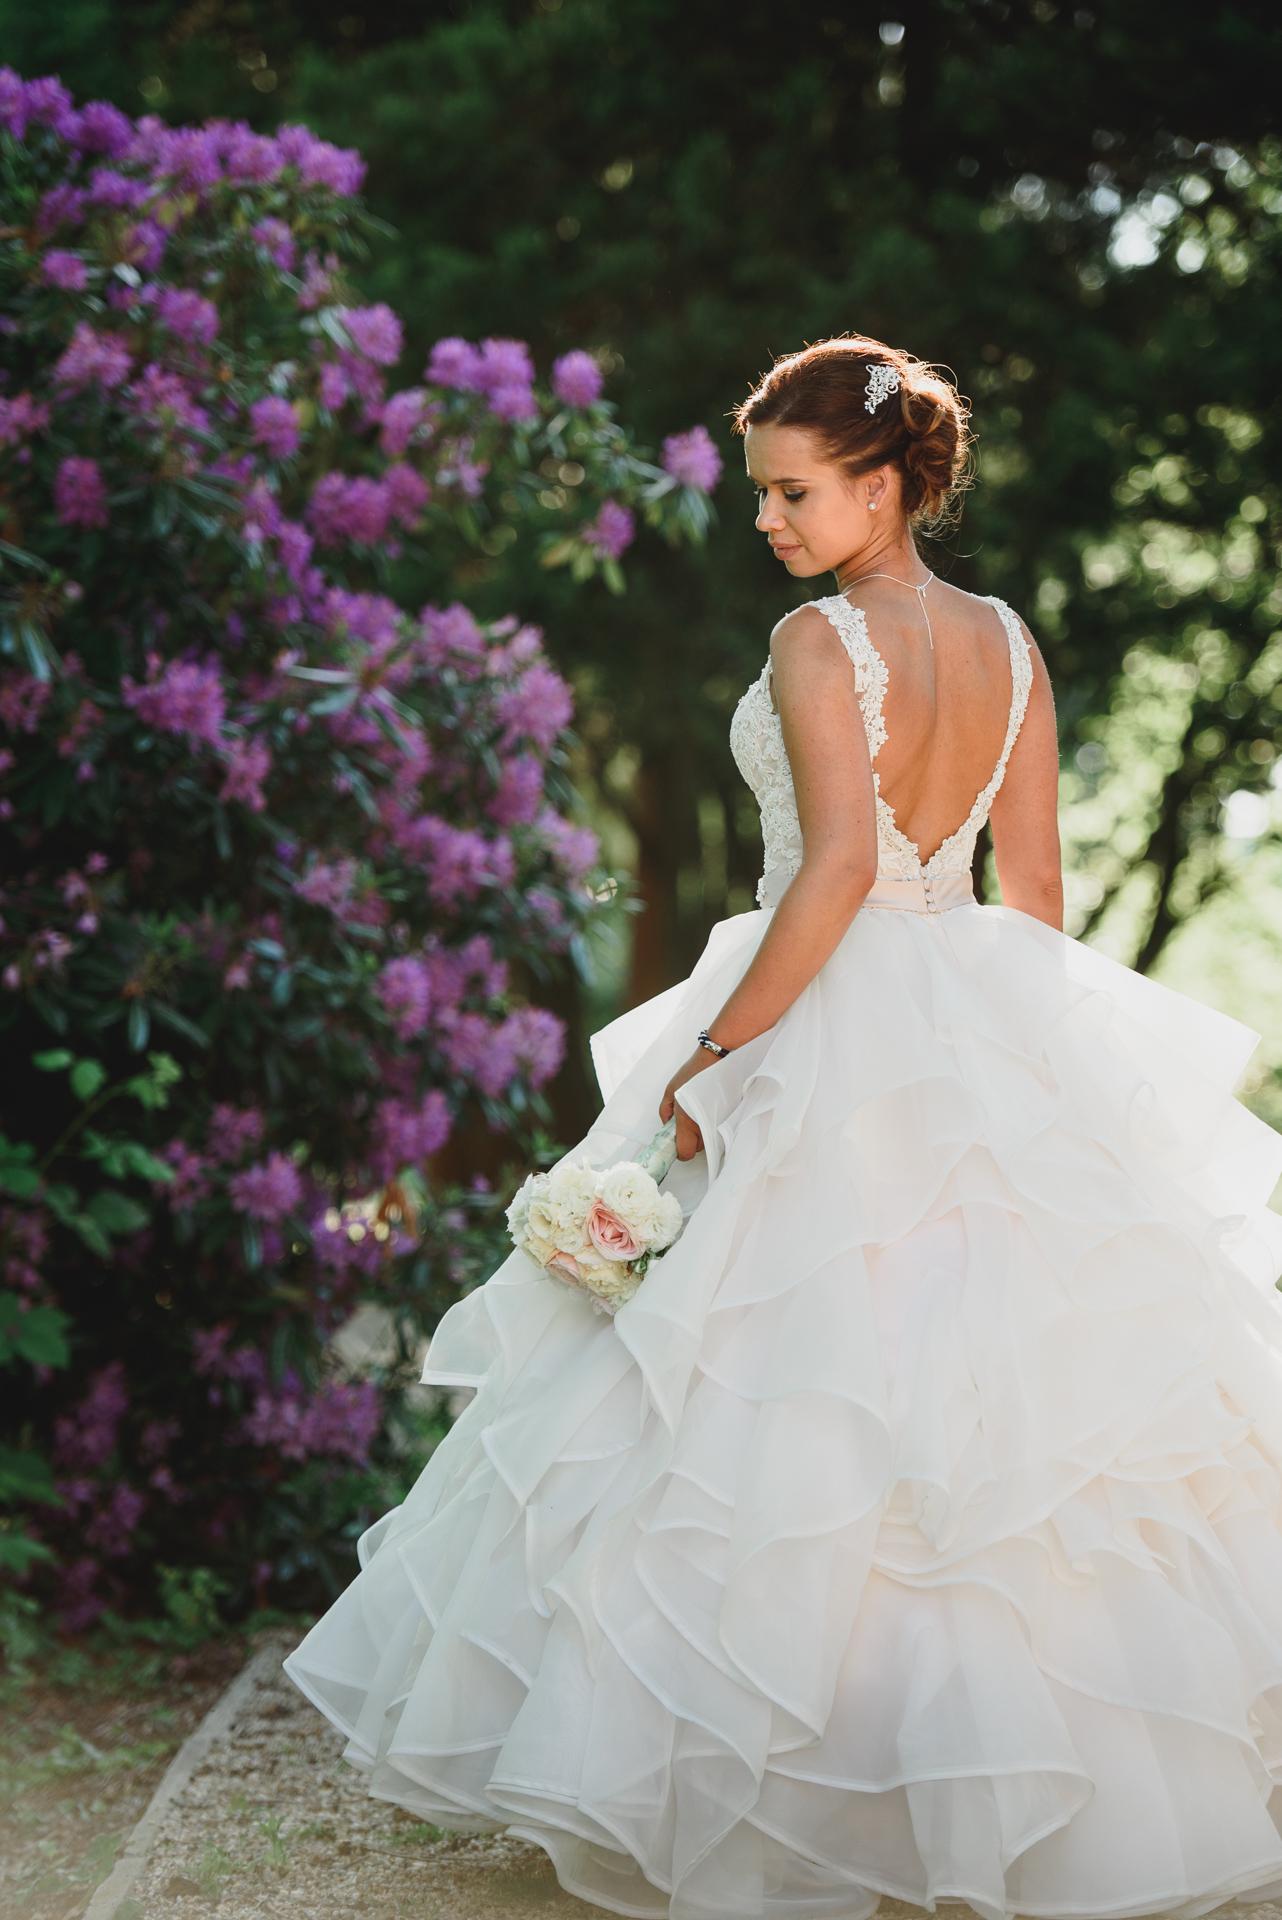 páros fotók, kreatív esküvő fotózás Szombathely Vas megye - Bolla Gábor   Fotóműhely